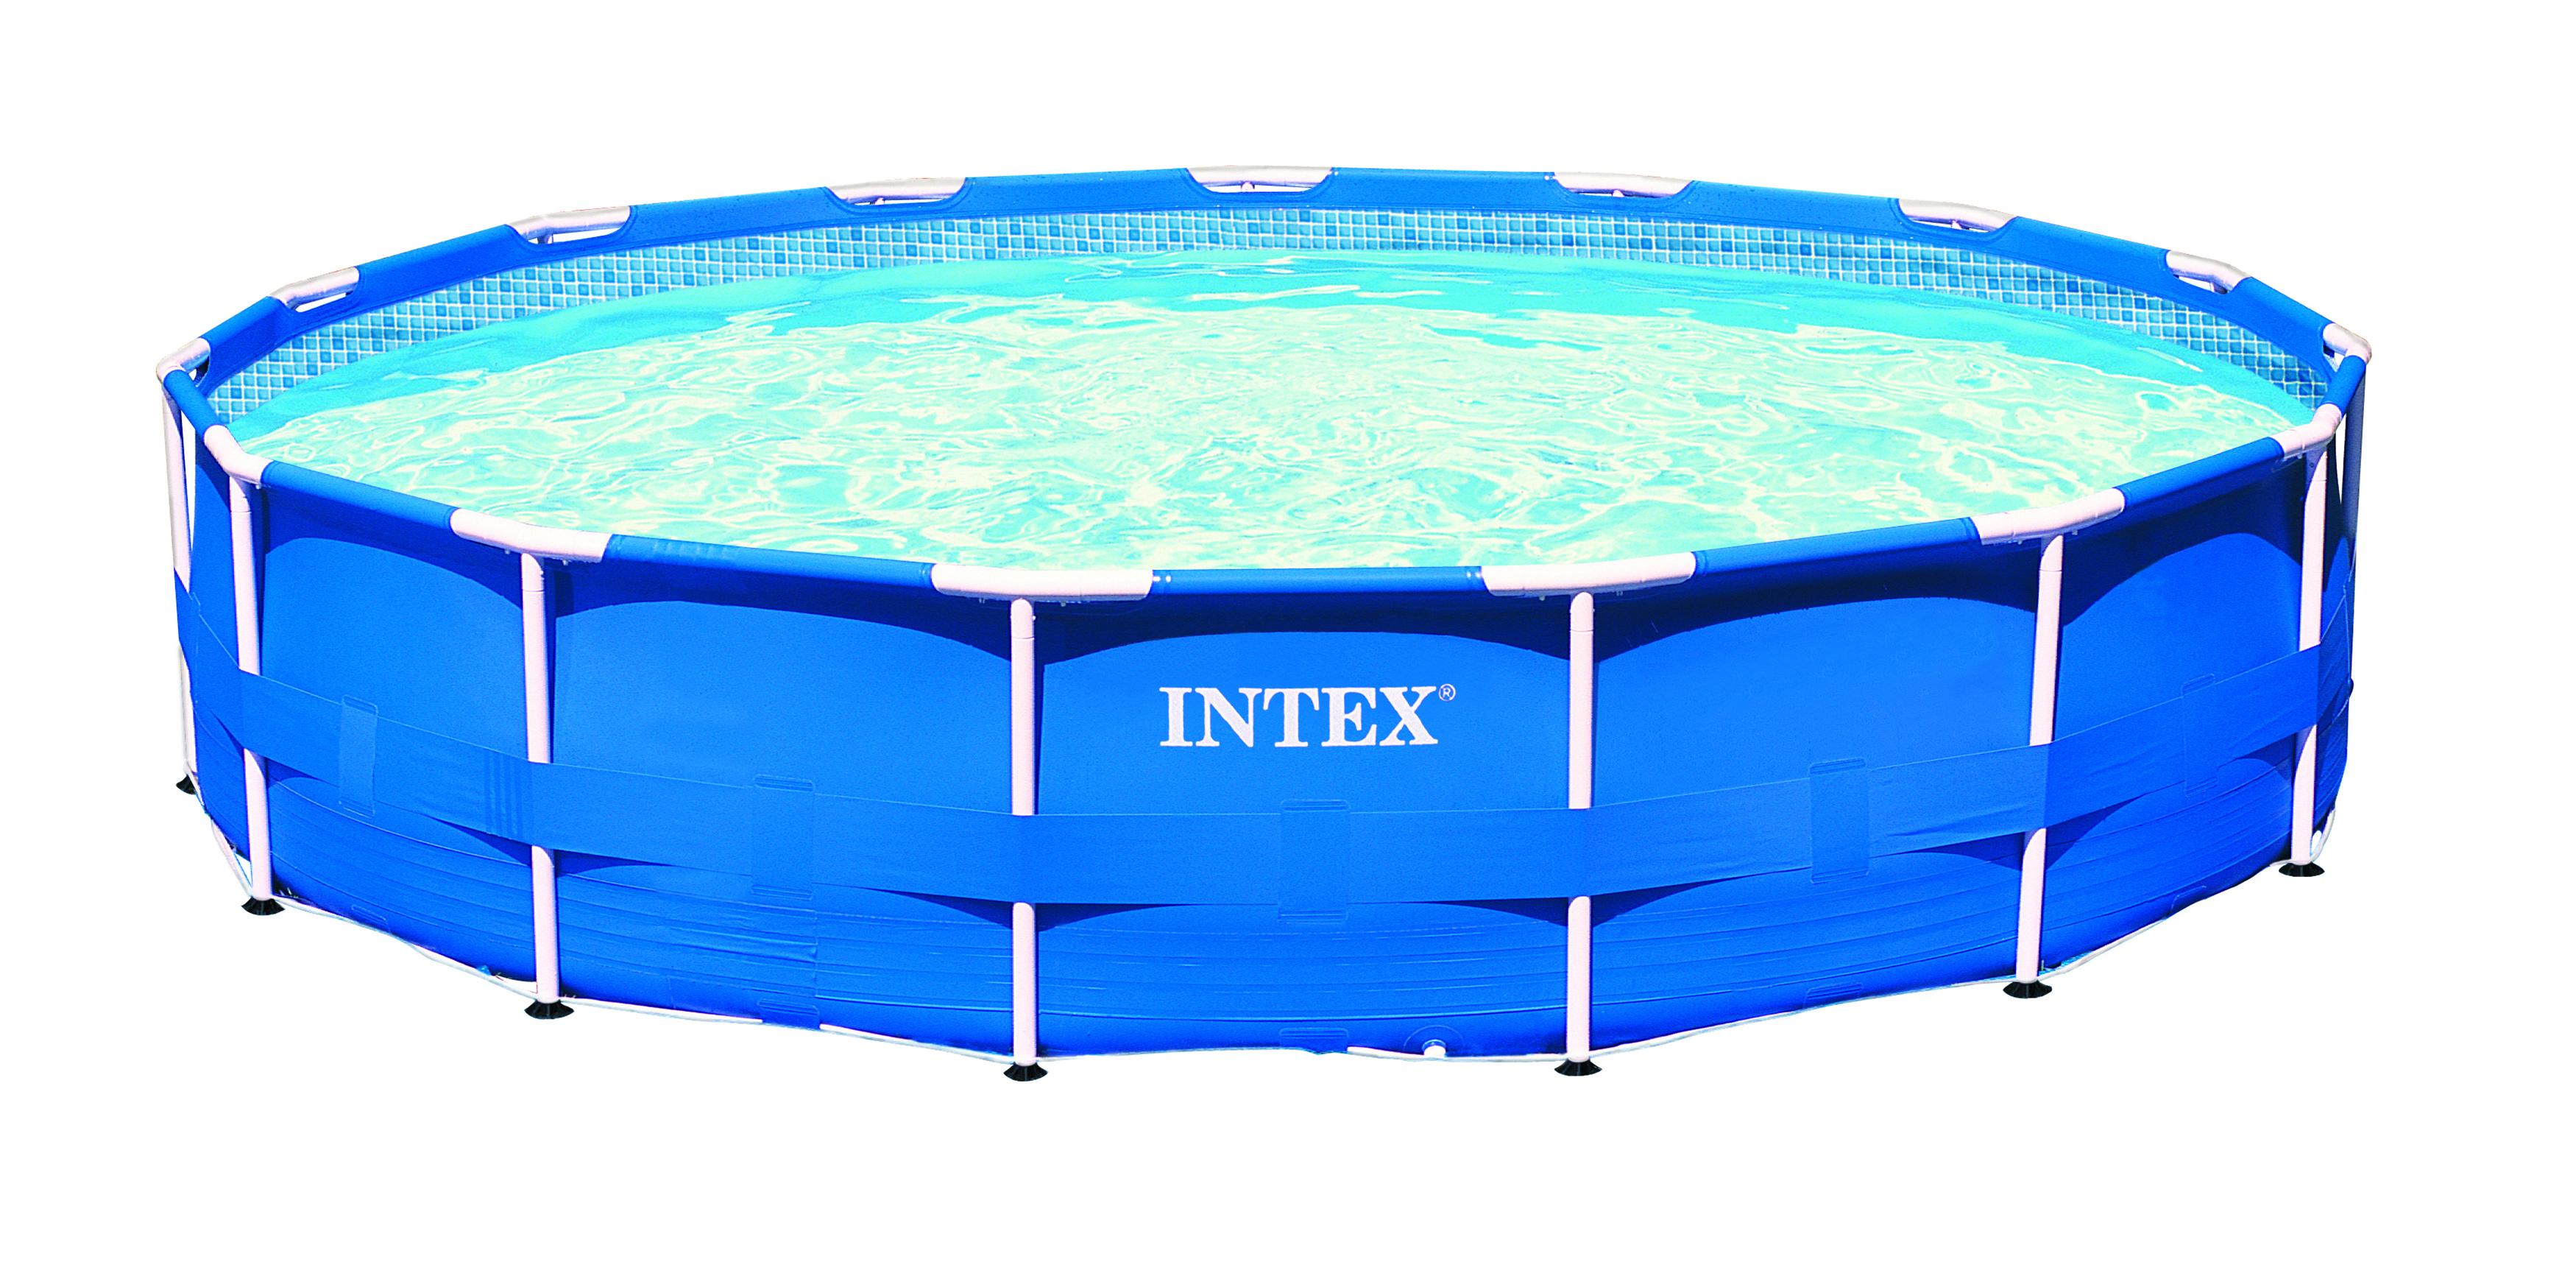 Intex metaal frame pool 457 x 91 cm set zwembadcenter for Intex zwembad verkooppunten